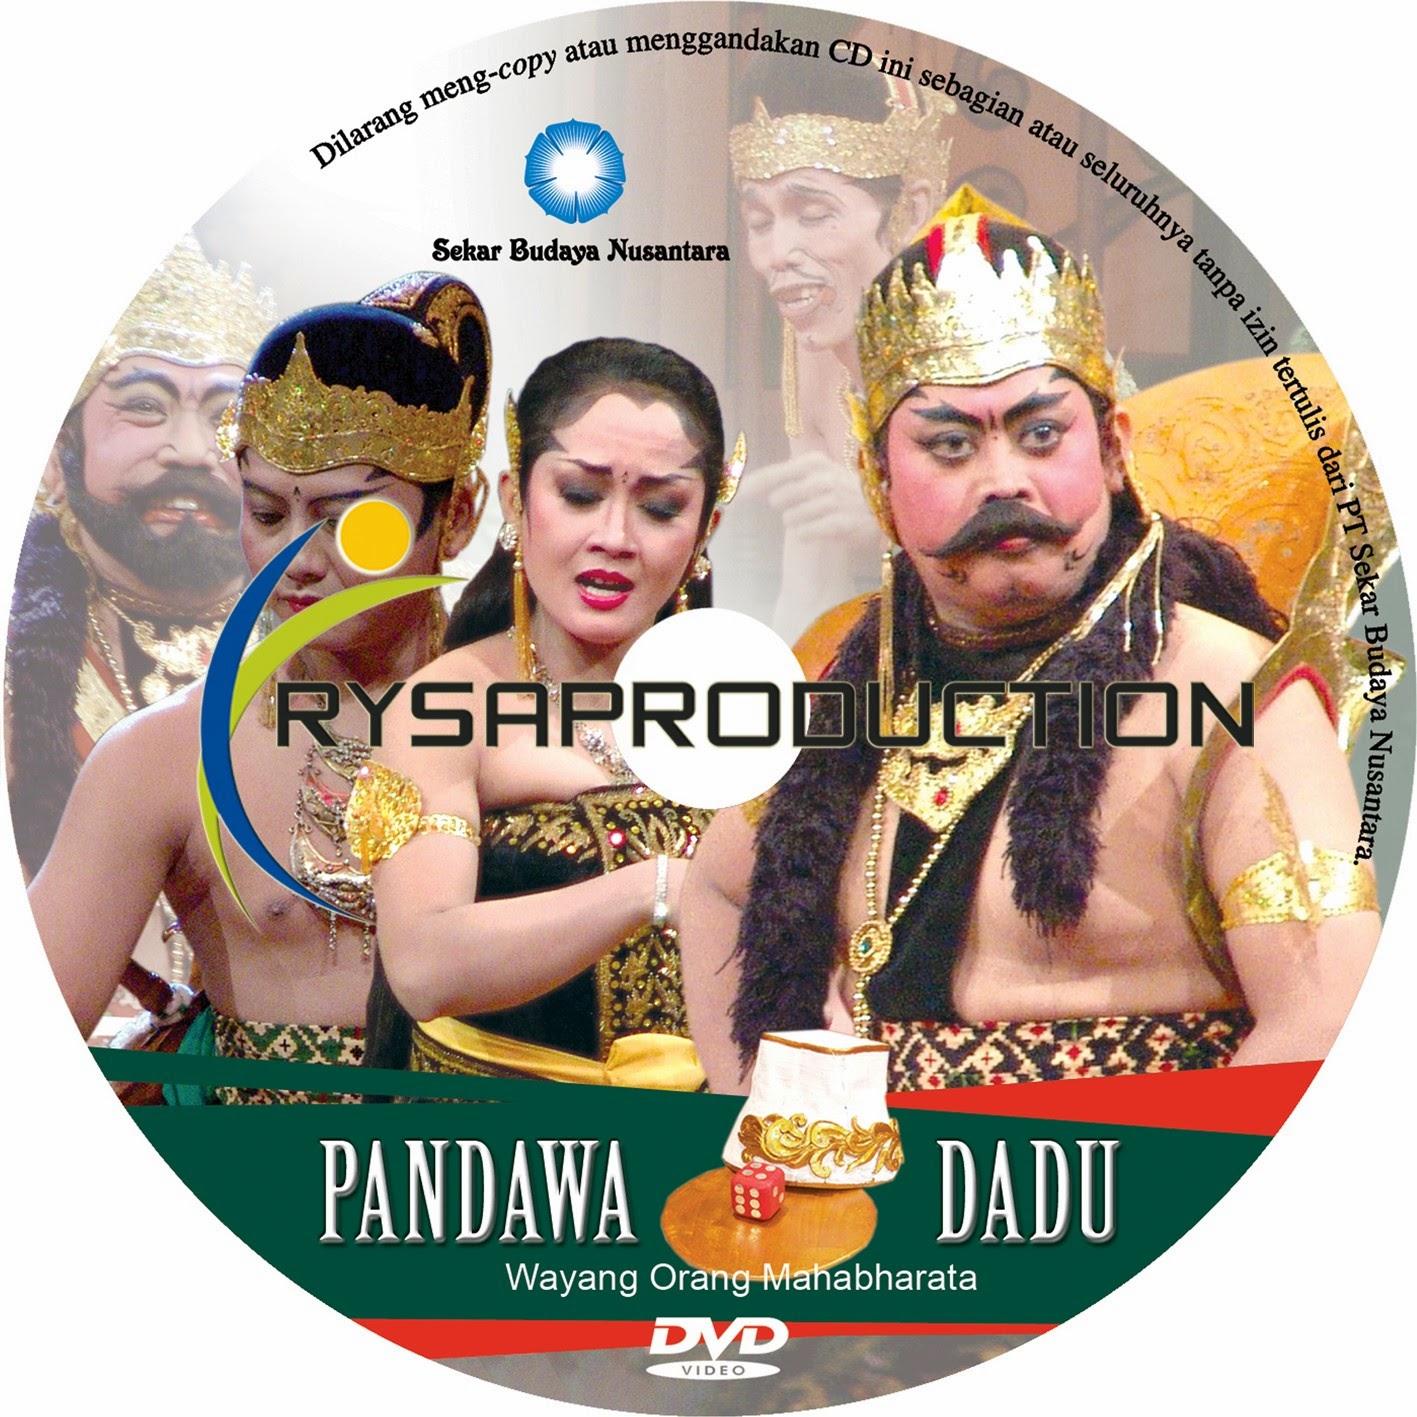 Pandawa Dadu